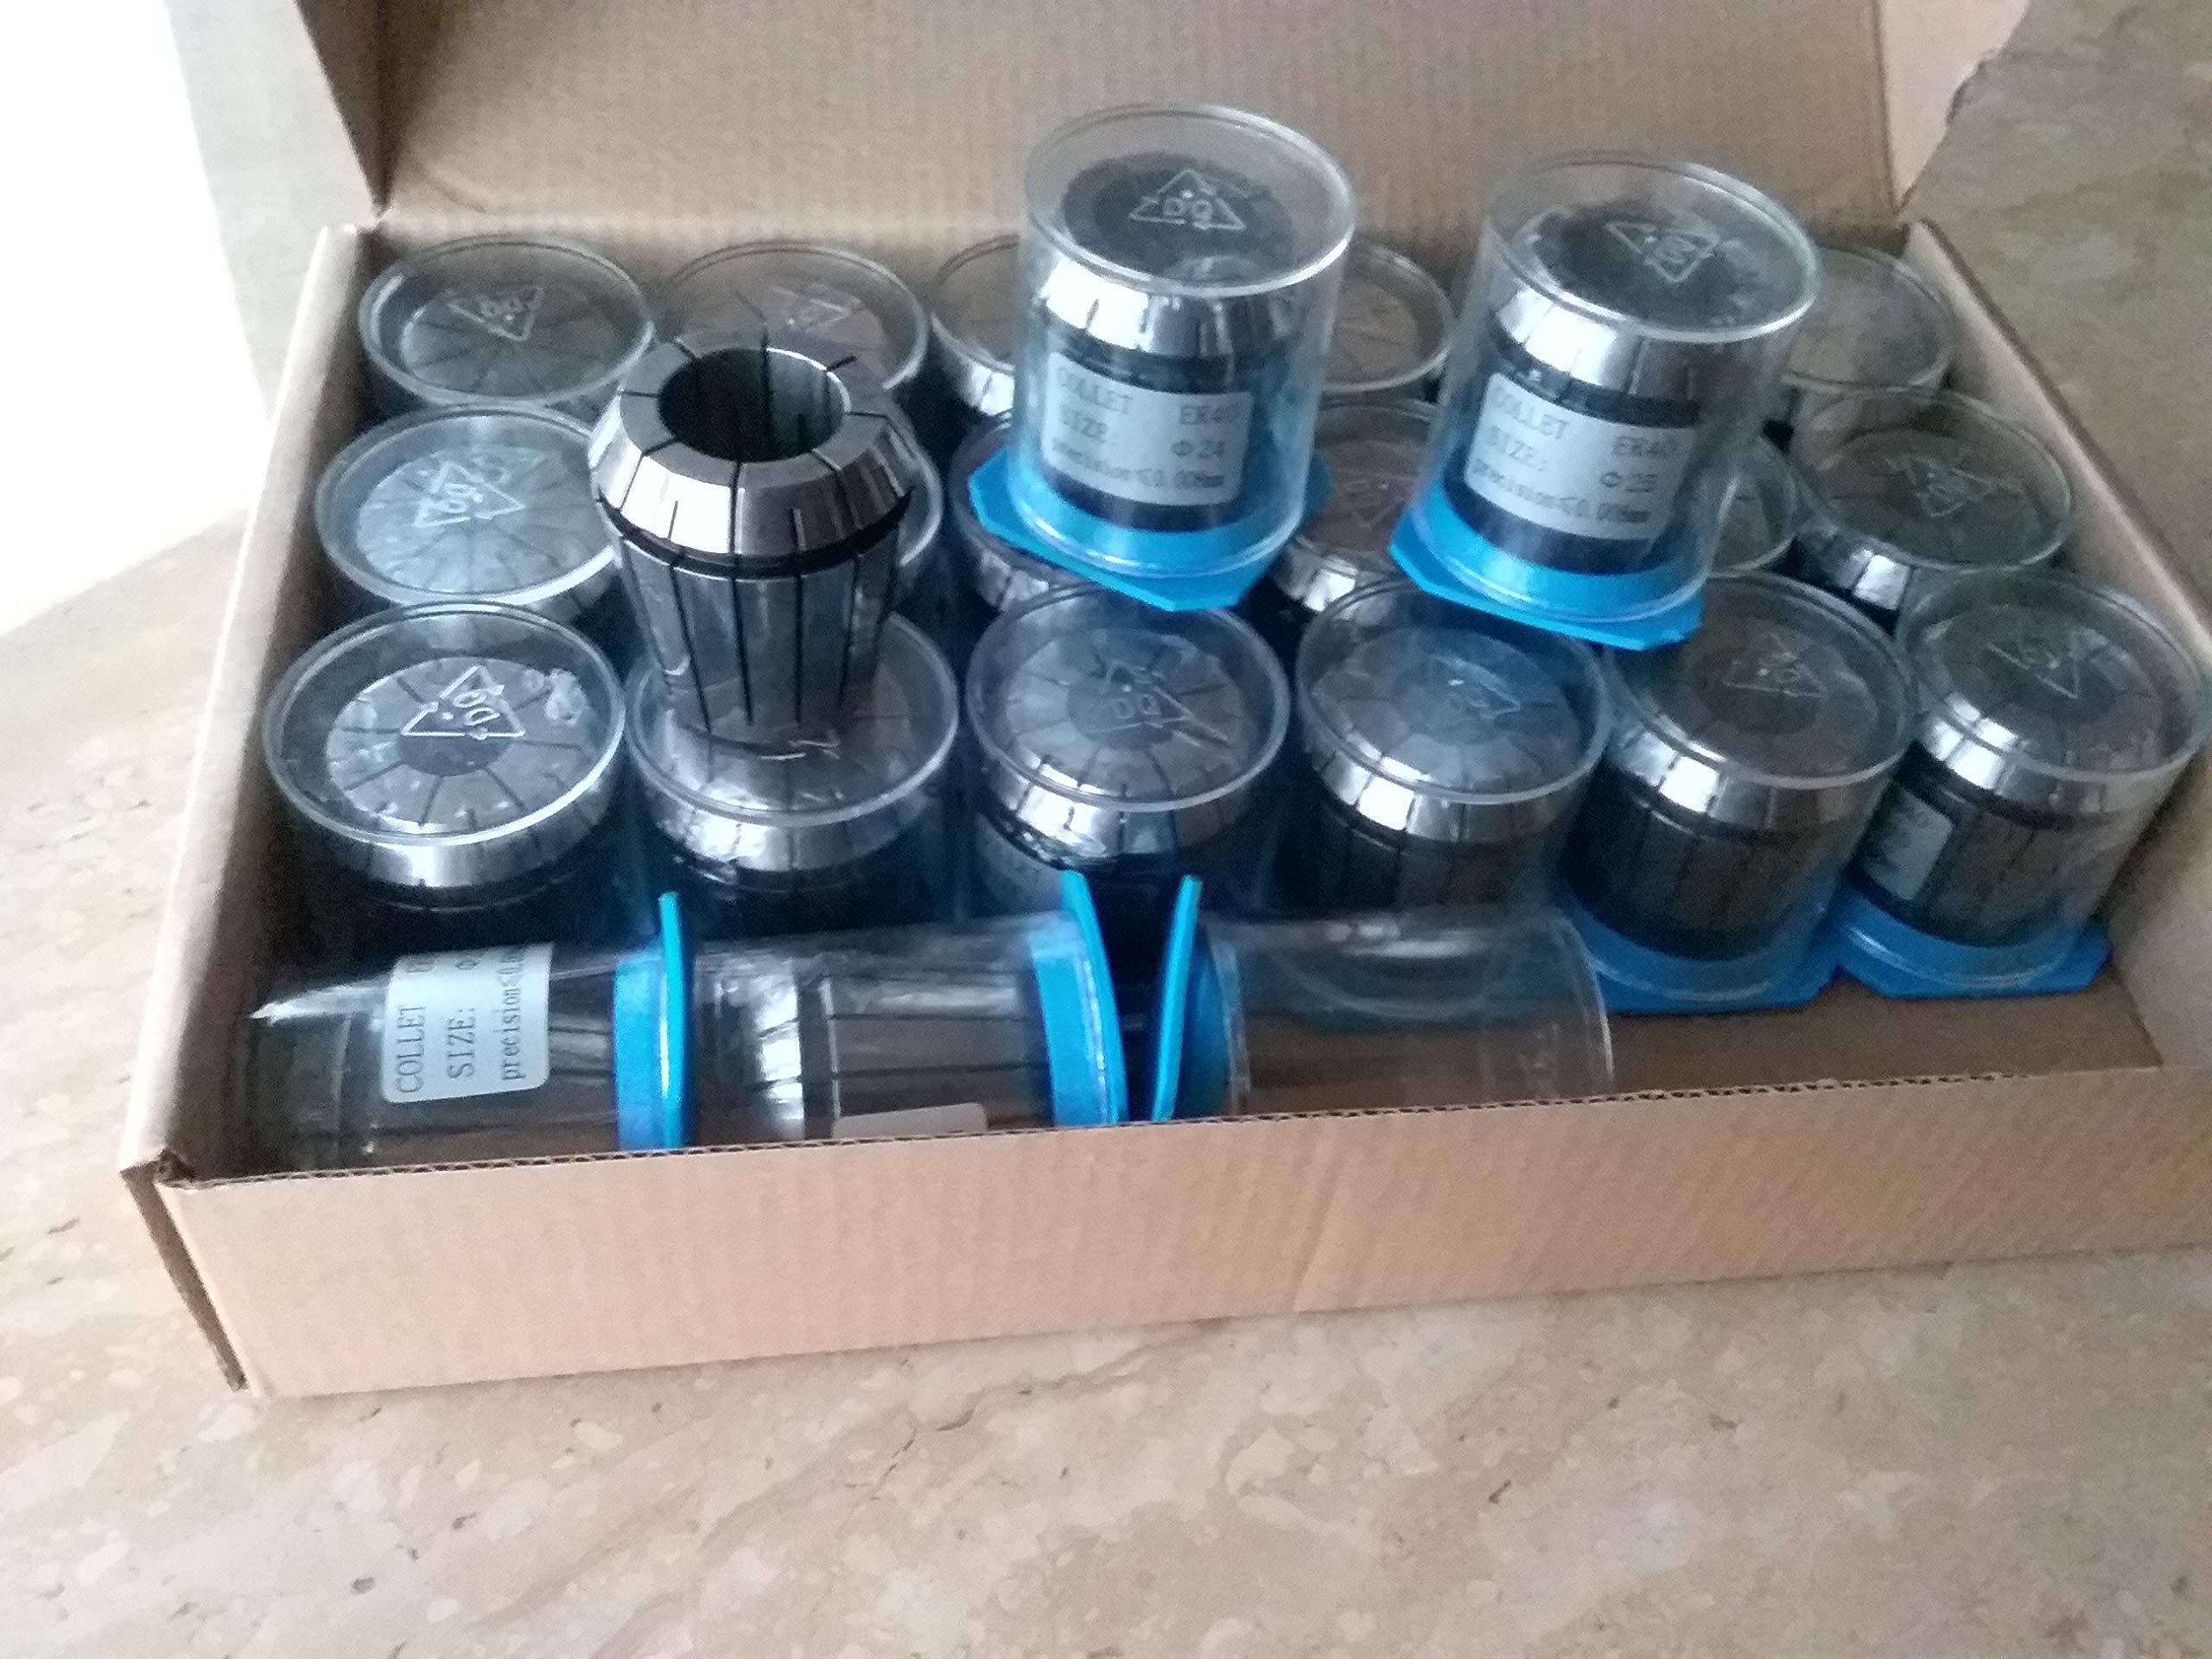 23pcs ER40 Metric Collet Set, collets 4mm - 26mm, 0.008mm TIR #ER40-SET23M-NEW by CME (Image #1)